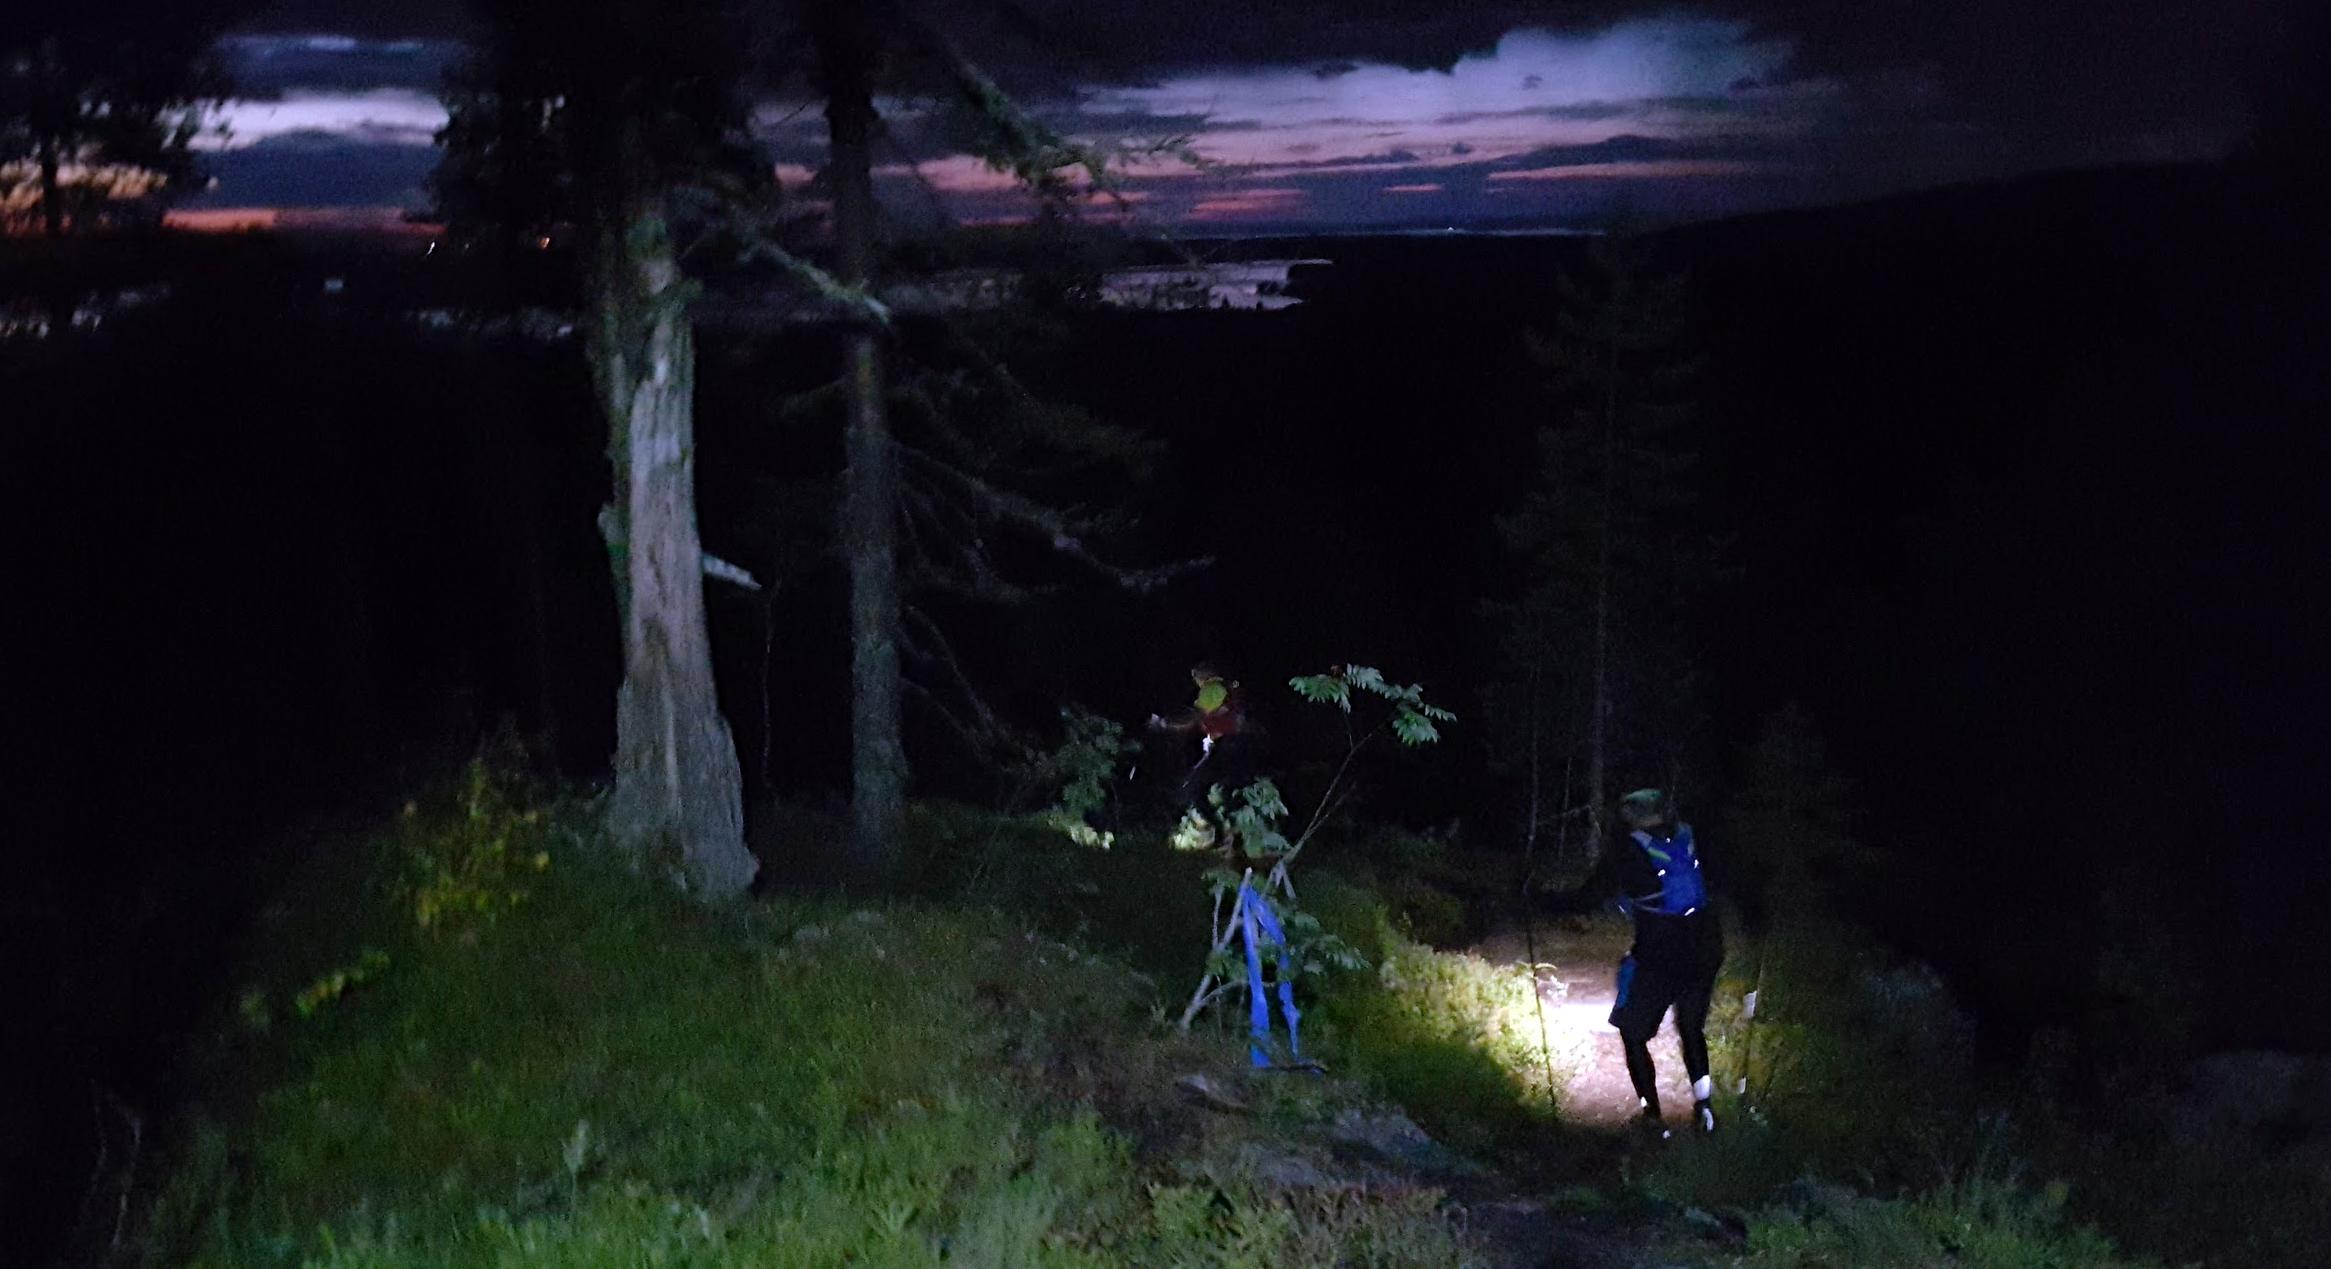 Vuokatin vaarat vaanivat pimeässä juoksevaa. Kuva: Jouni Viskari